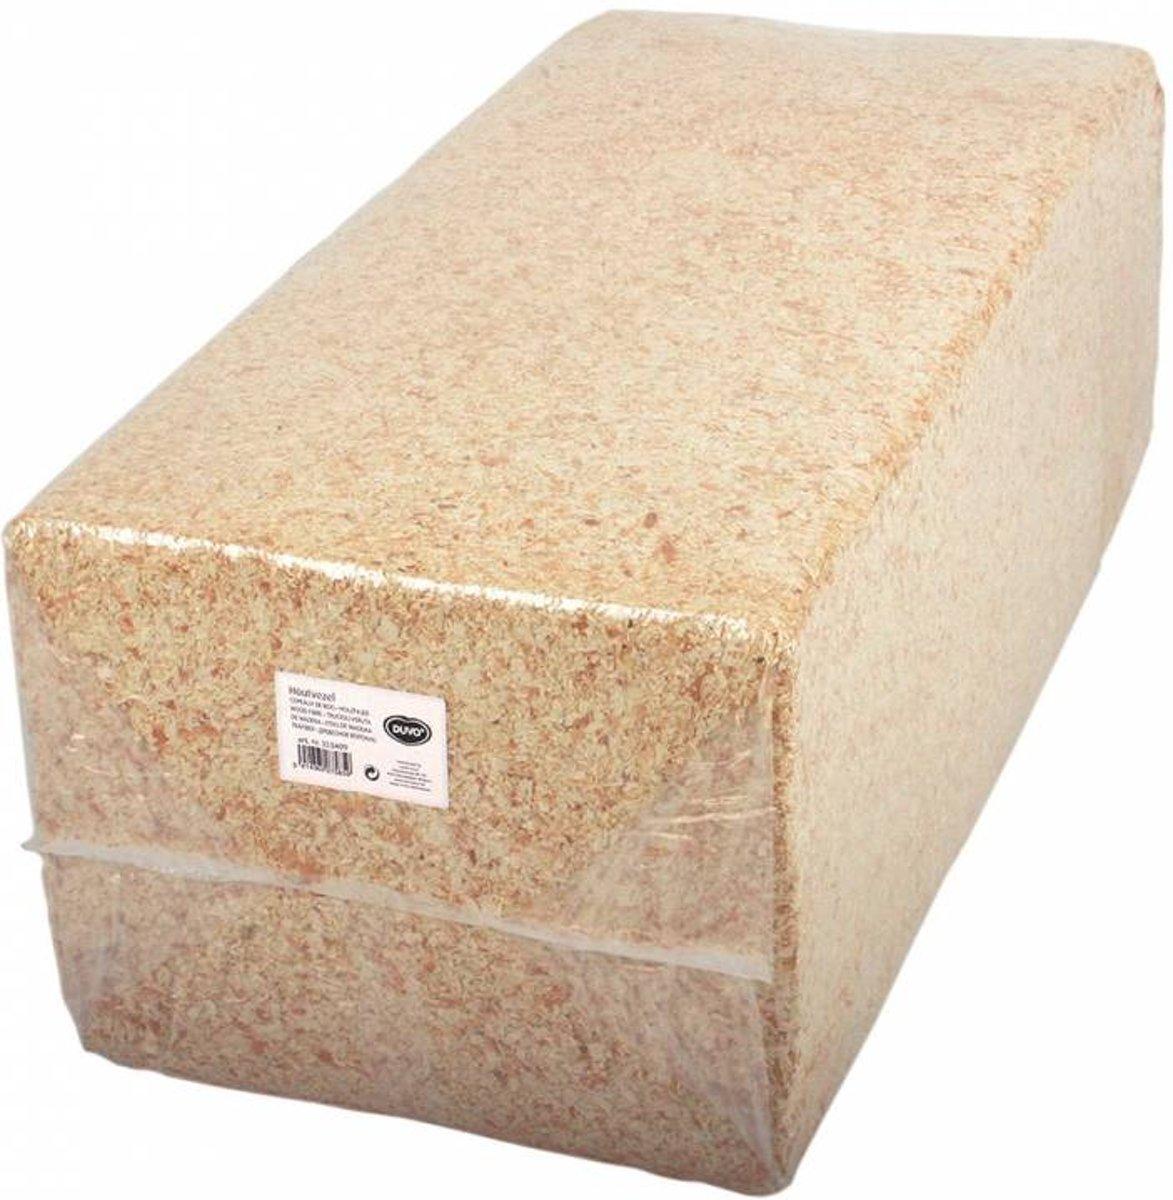 Houtvezel bodem bedekking 20 kg